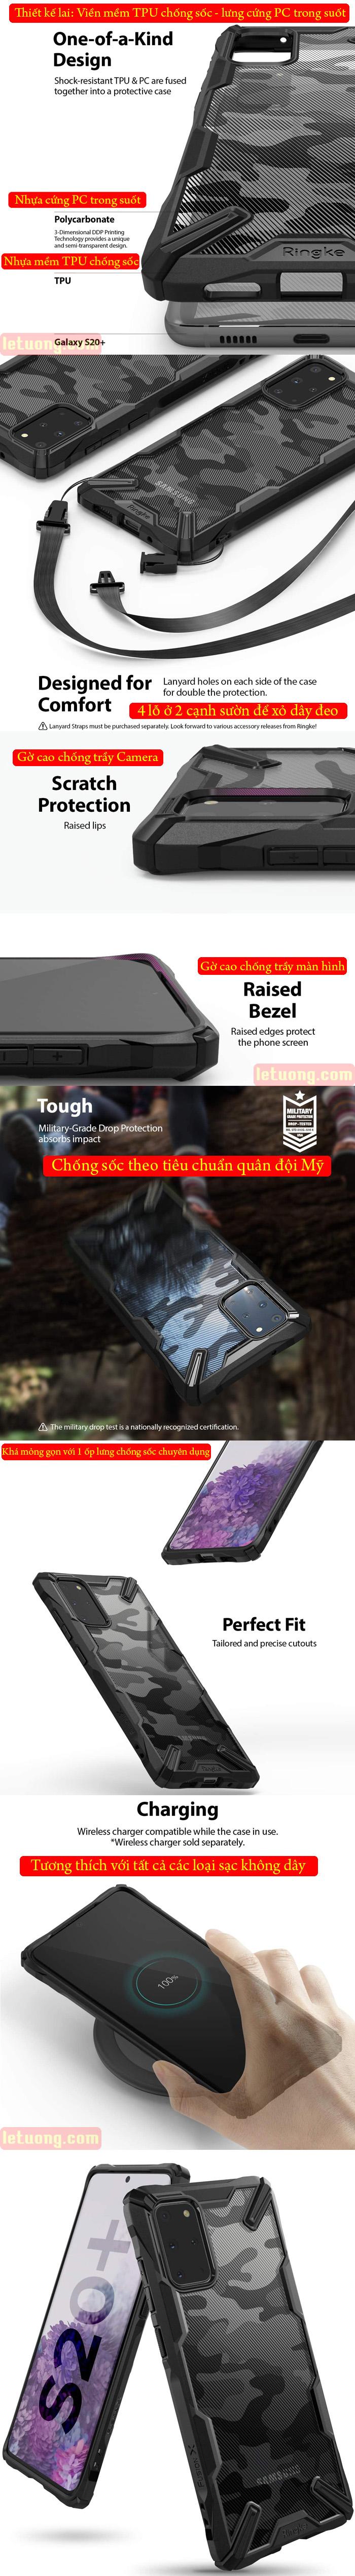 Ốp lưng Galaxy S20 Plus Ringke Fusion X Camo chống sốc - họa tiết quân đội ( từ USA ) 4